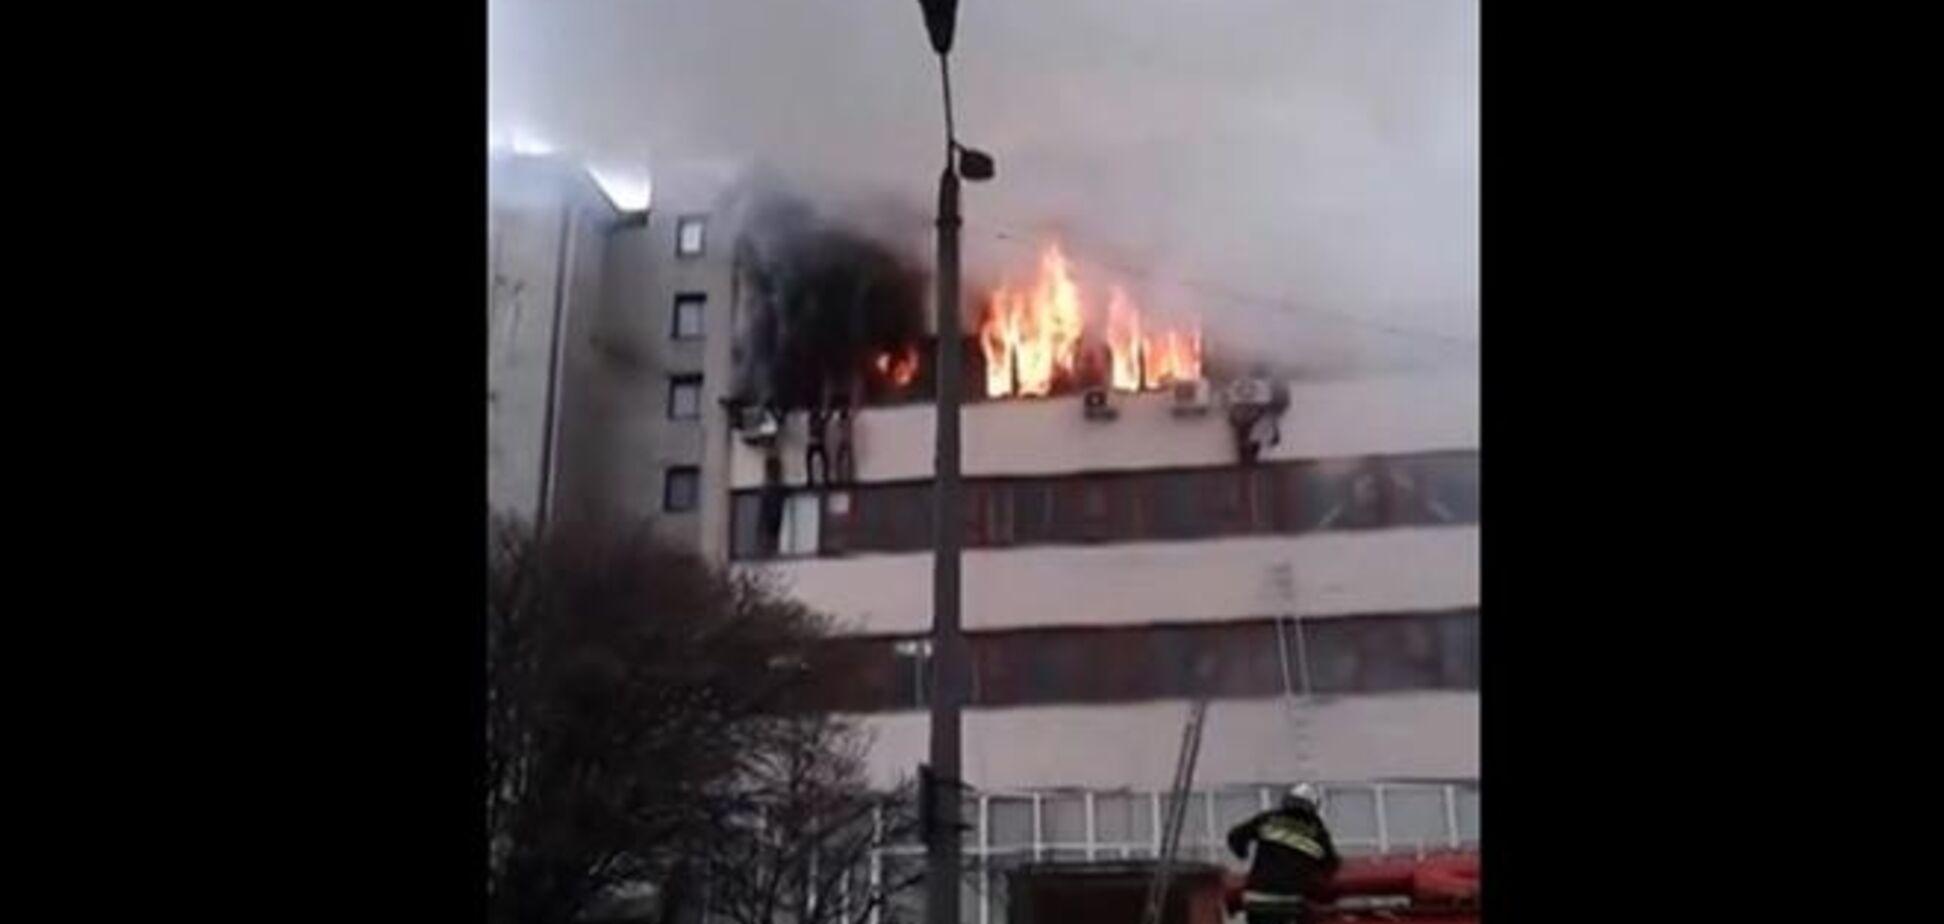 Шокуюче відео з 'Хартрона': пожежні навіть не розтягнули тент, коли люди вистрибували з вікон